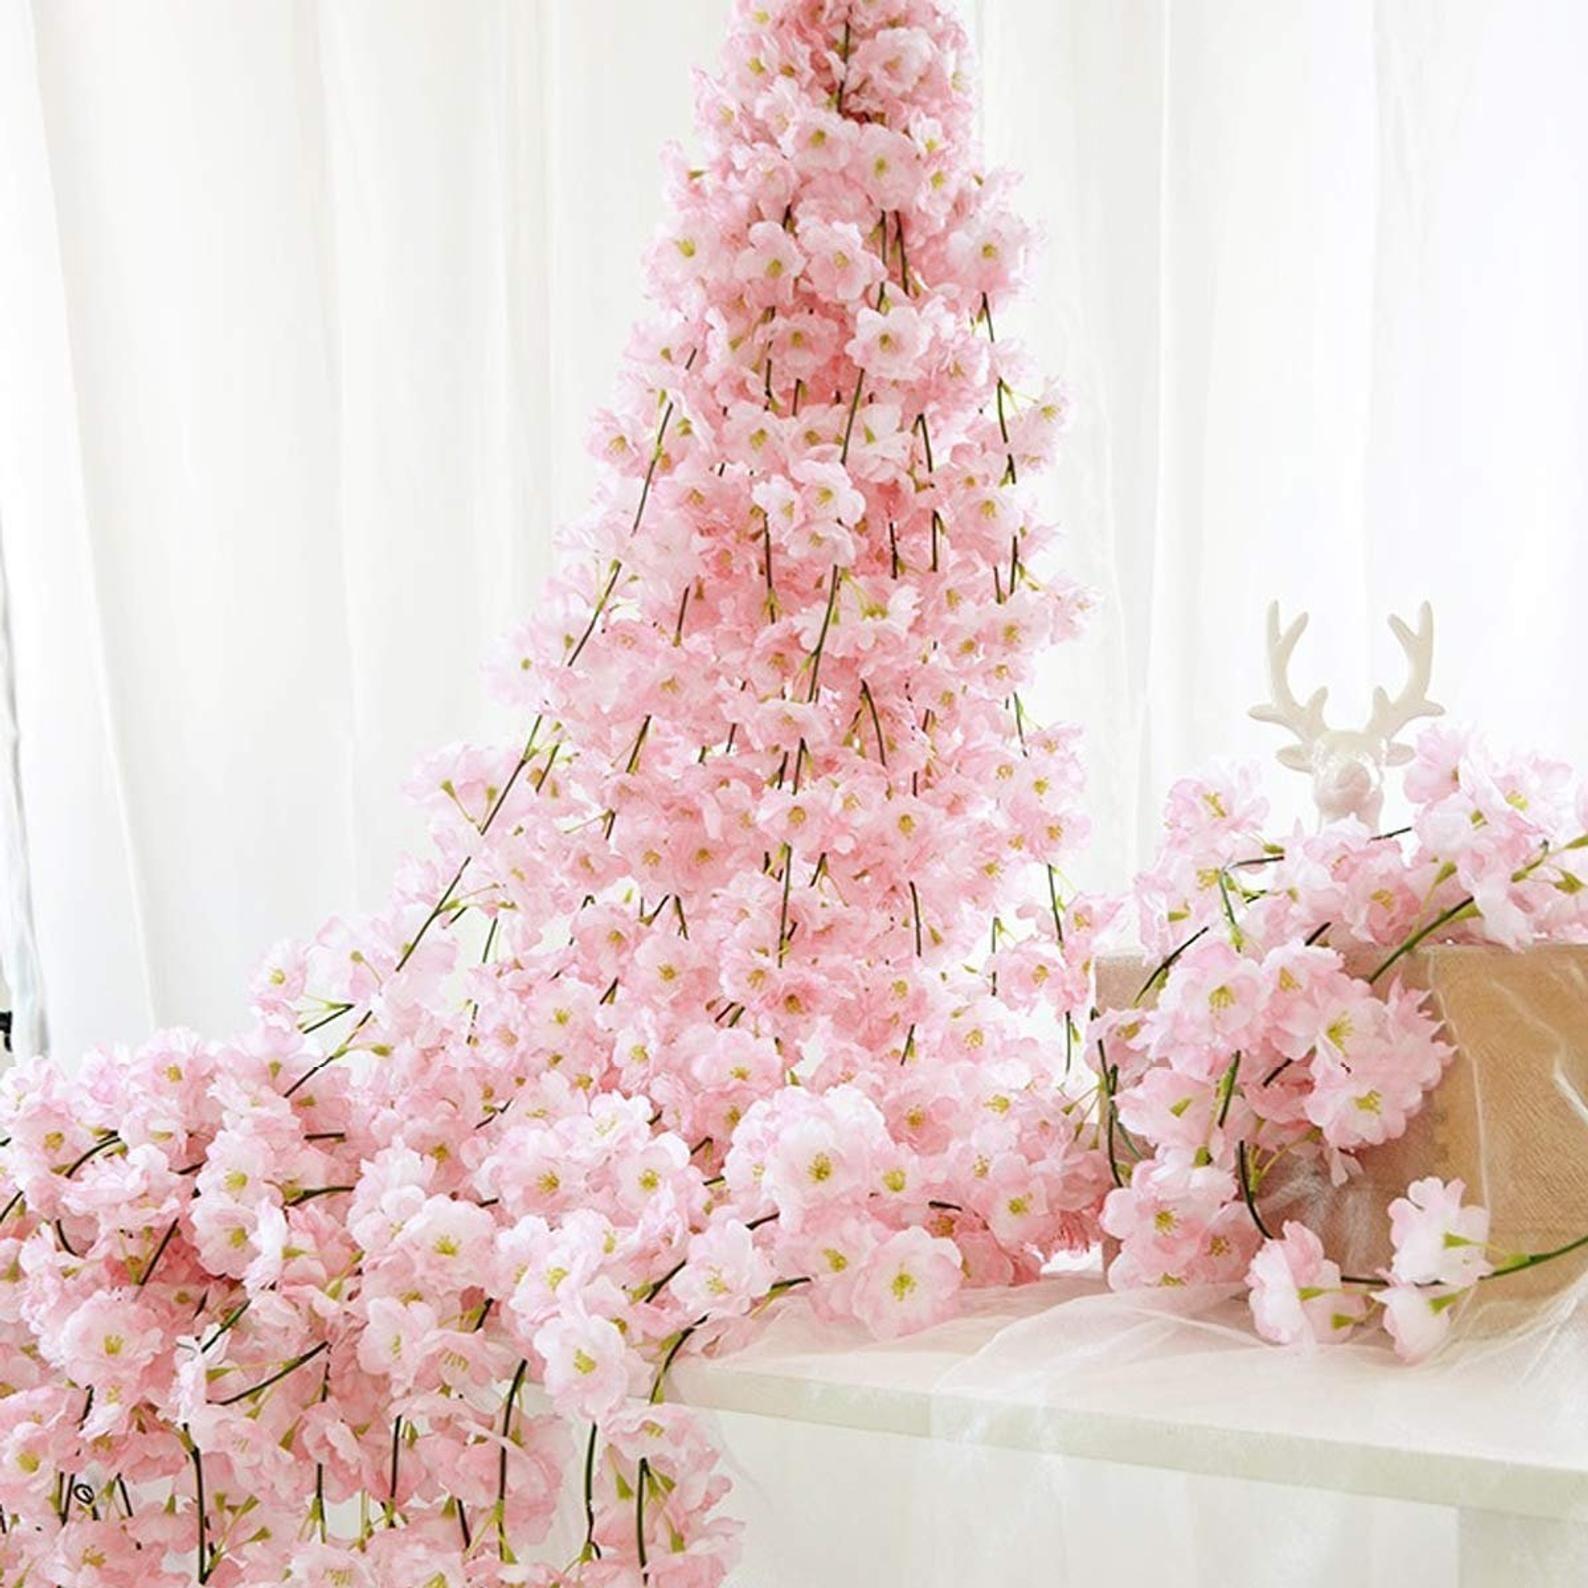 Artificial Cherry Blossom Garland For A Wedding Arch Or Arbor Etsy In 2021 Cherry Blossom Wedding Theme Cherry Blossom Wedding Flower Garland Wedding